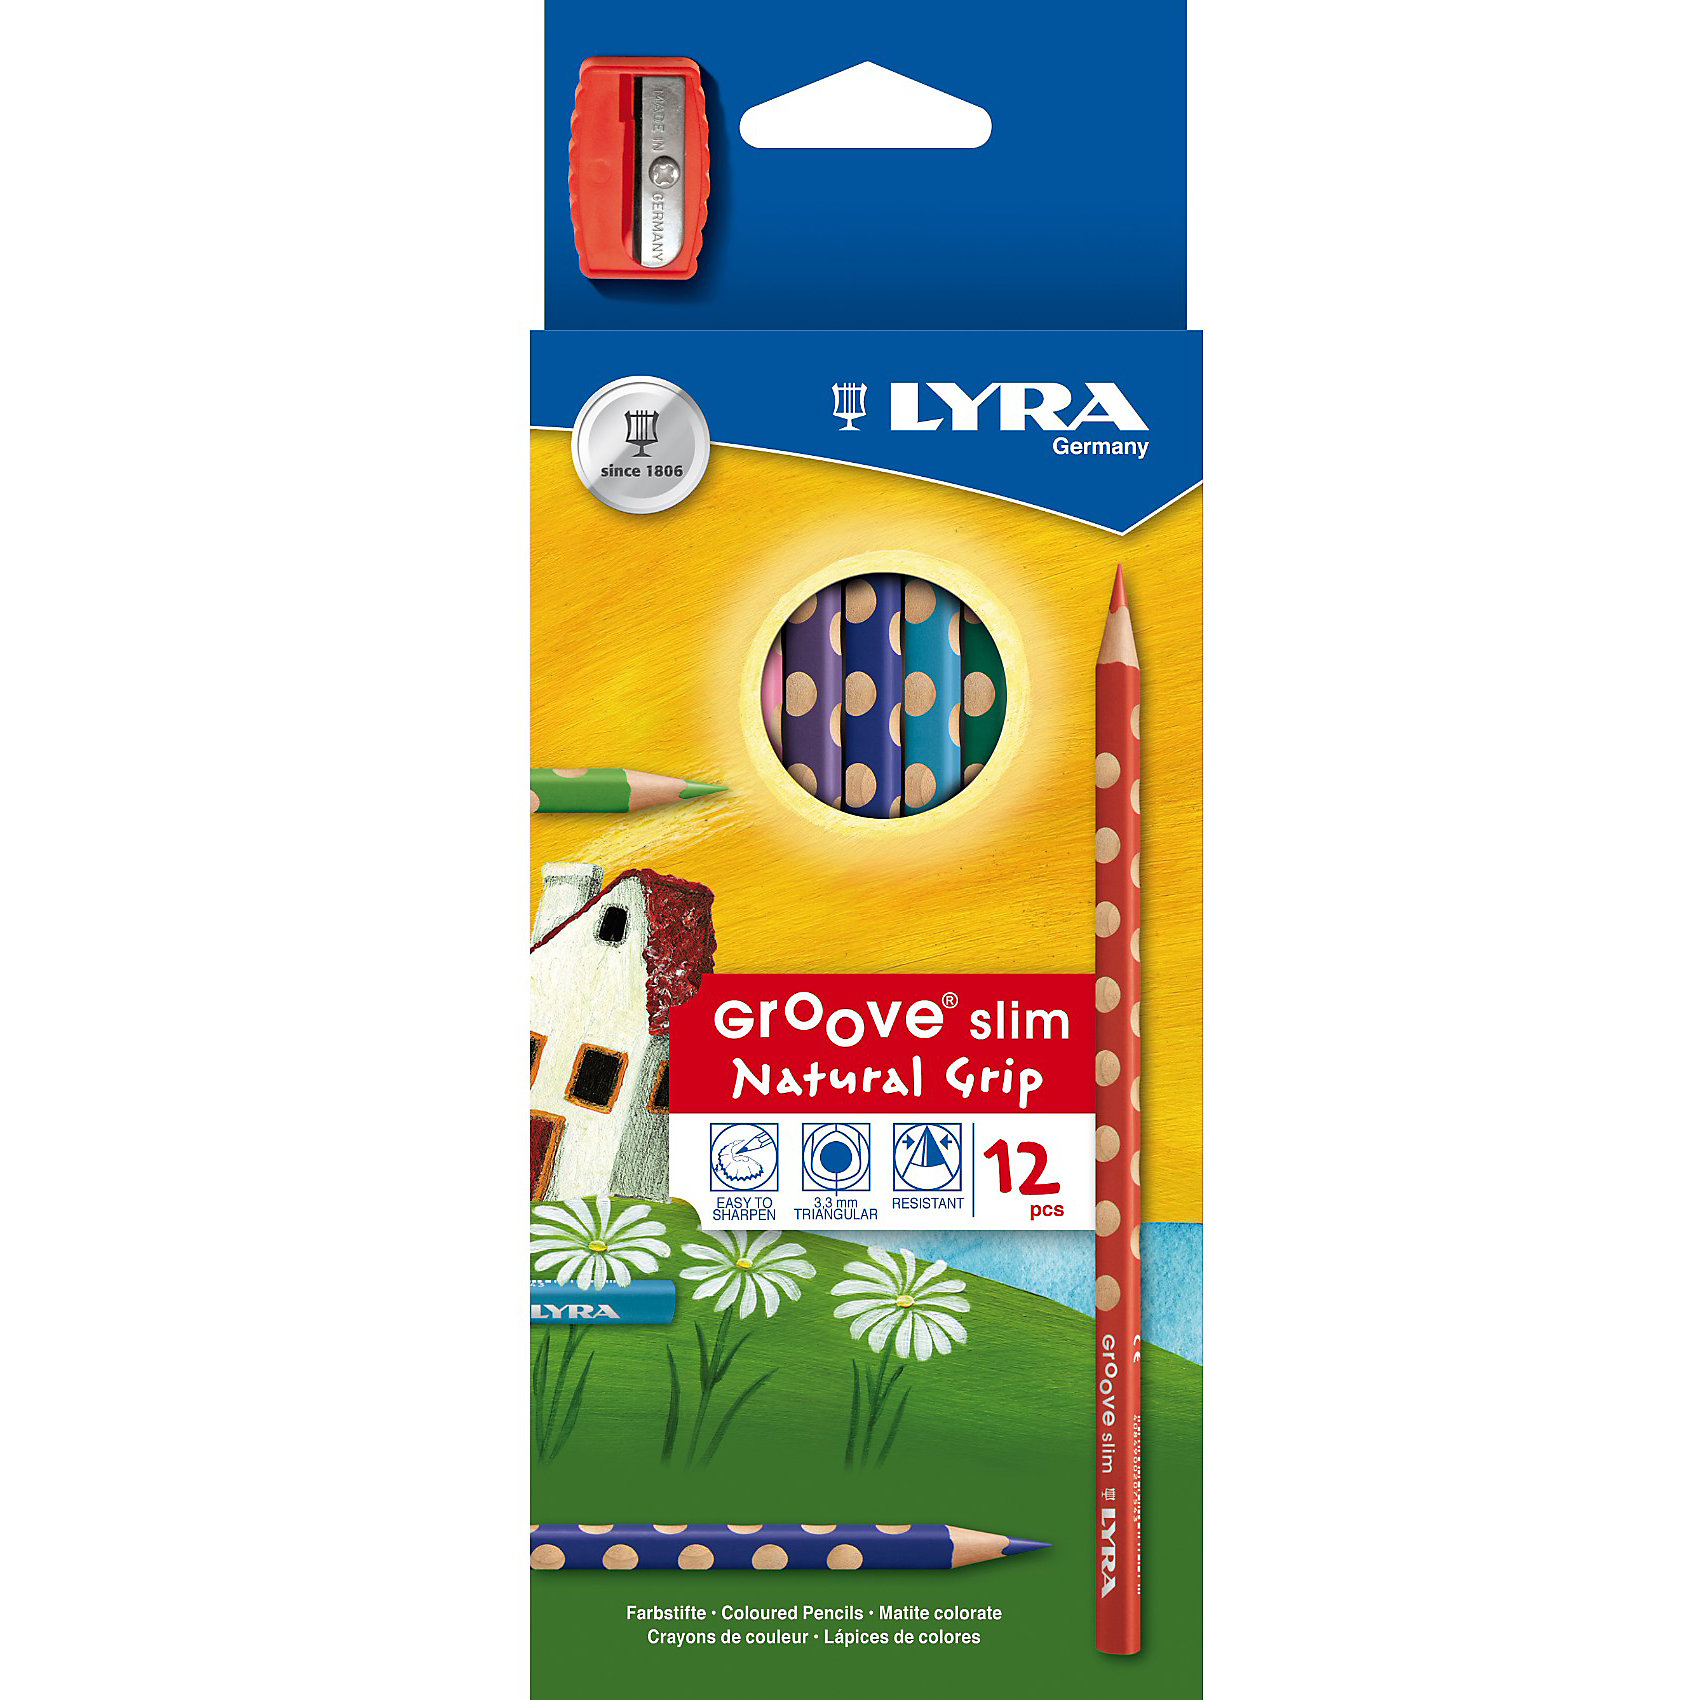 Цветные карандаши, 12 шт.Письменные принадлежности<br>Цветные карандаши с эргономичными выемками вдоль корпуса, 12 шт. Произведены из натуральной сертифицированной древесины, ударопрочные. Диаметр грифеля 3,3 мм. Насыщенные цвета. Удобные для длительного рисования, идеальны для формирования правильного захвата, в том числе у левшей. В наборе с точилкой.<br><br>Ширина мм: 232<br>Глубина мм: 90<br>Высота мм: 17<br>Вес г: 88<br>Возраст от месяцев: 60<br>Возраст до месяцев: 120<br>Пол: Унисекс<br>Возраст: Детский<br>SKU: 2021014